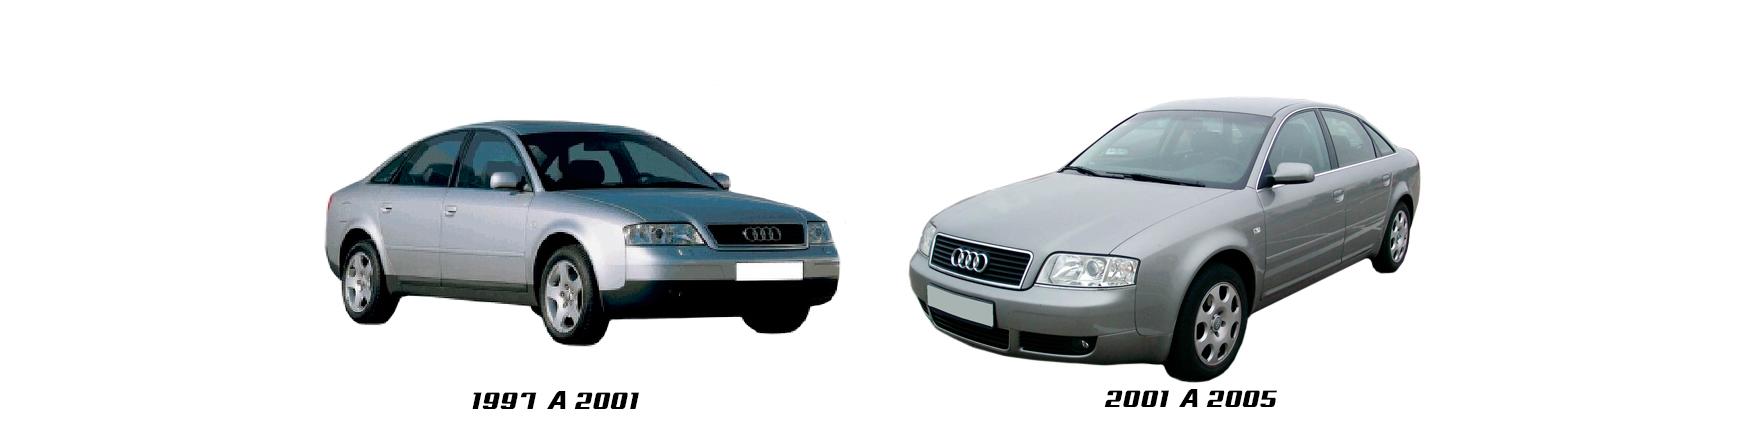 Audi A6 de 1997 a 2001. Repuestos  para automóvil al mejor precio.